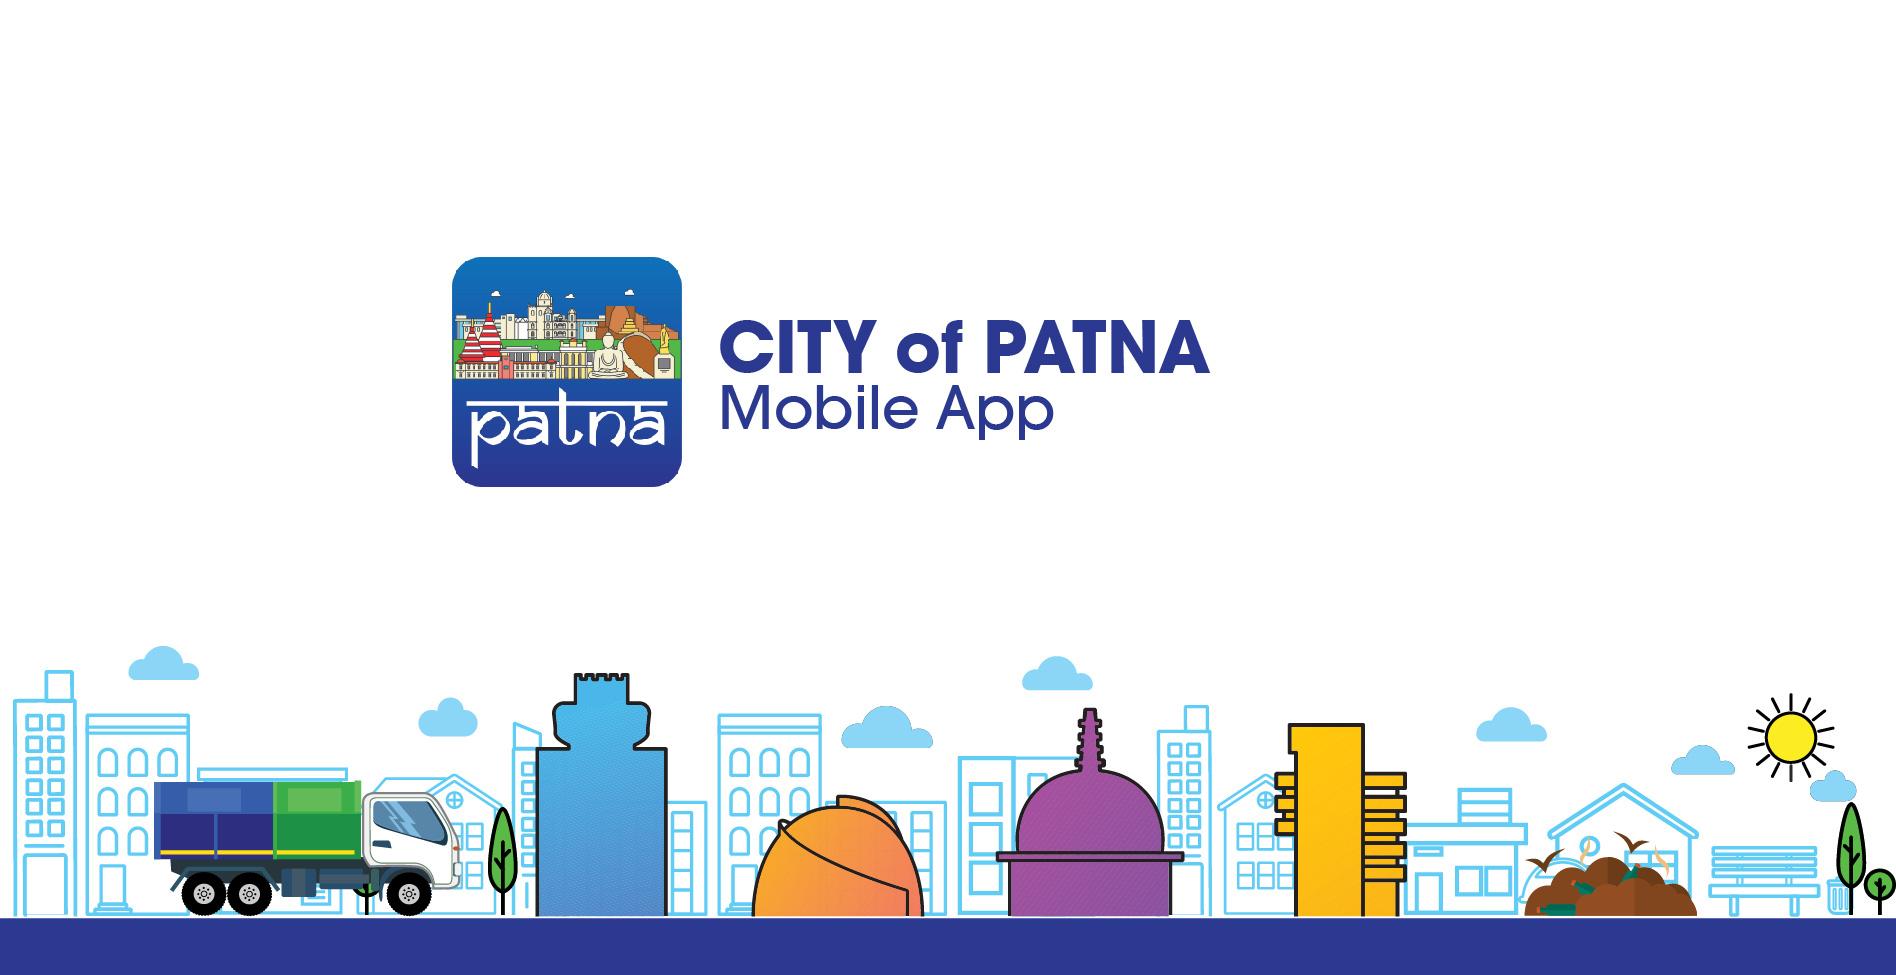 पटना वासियों के लिए सबसे ज़रूरी मोबाइल ऐप है 'City of Patna'